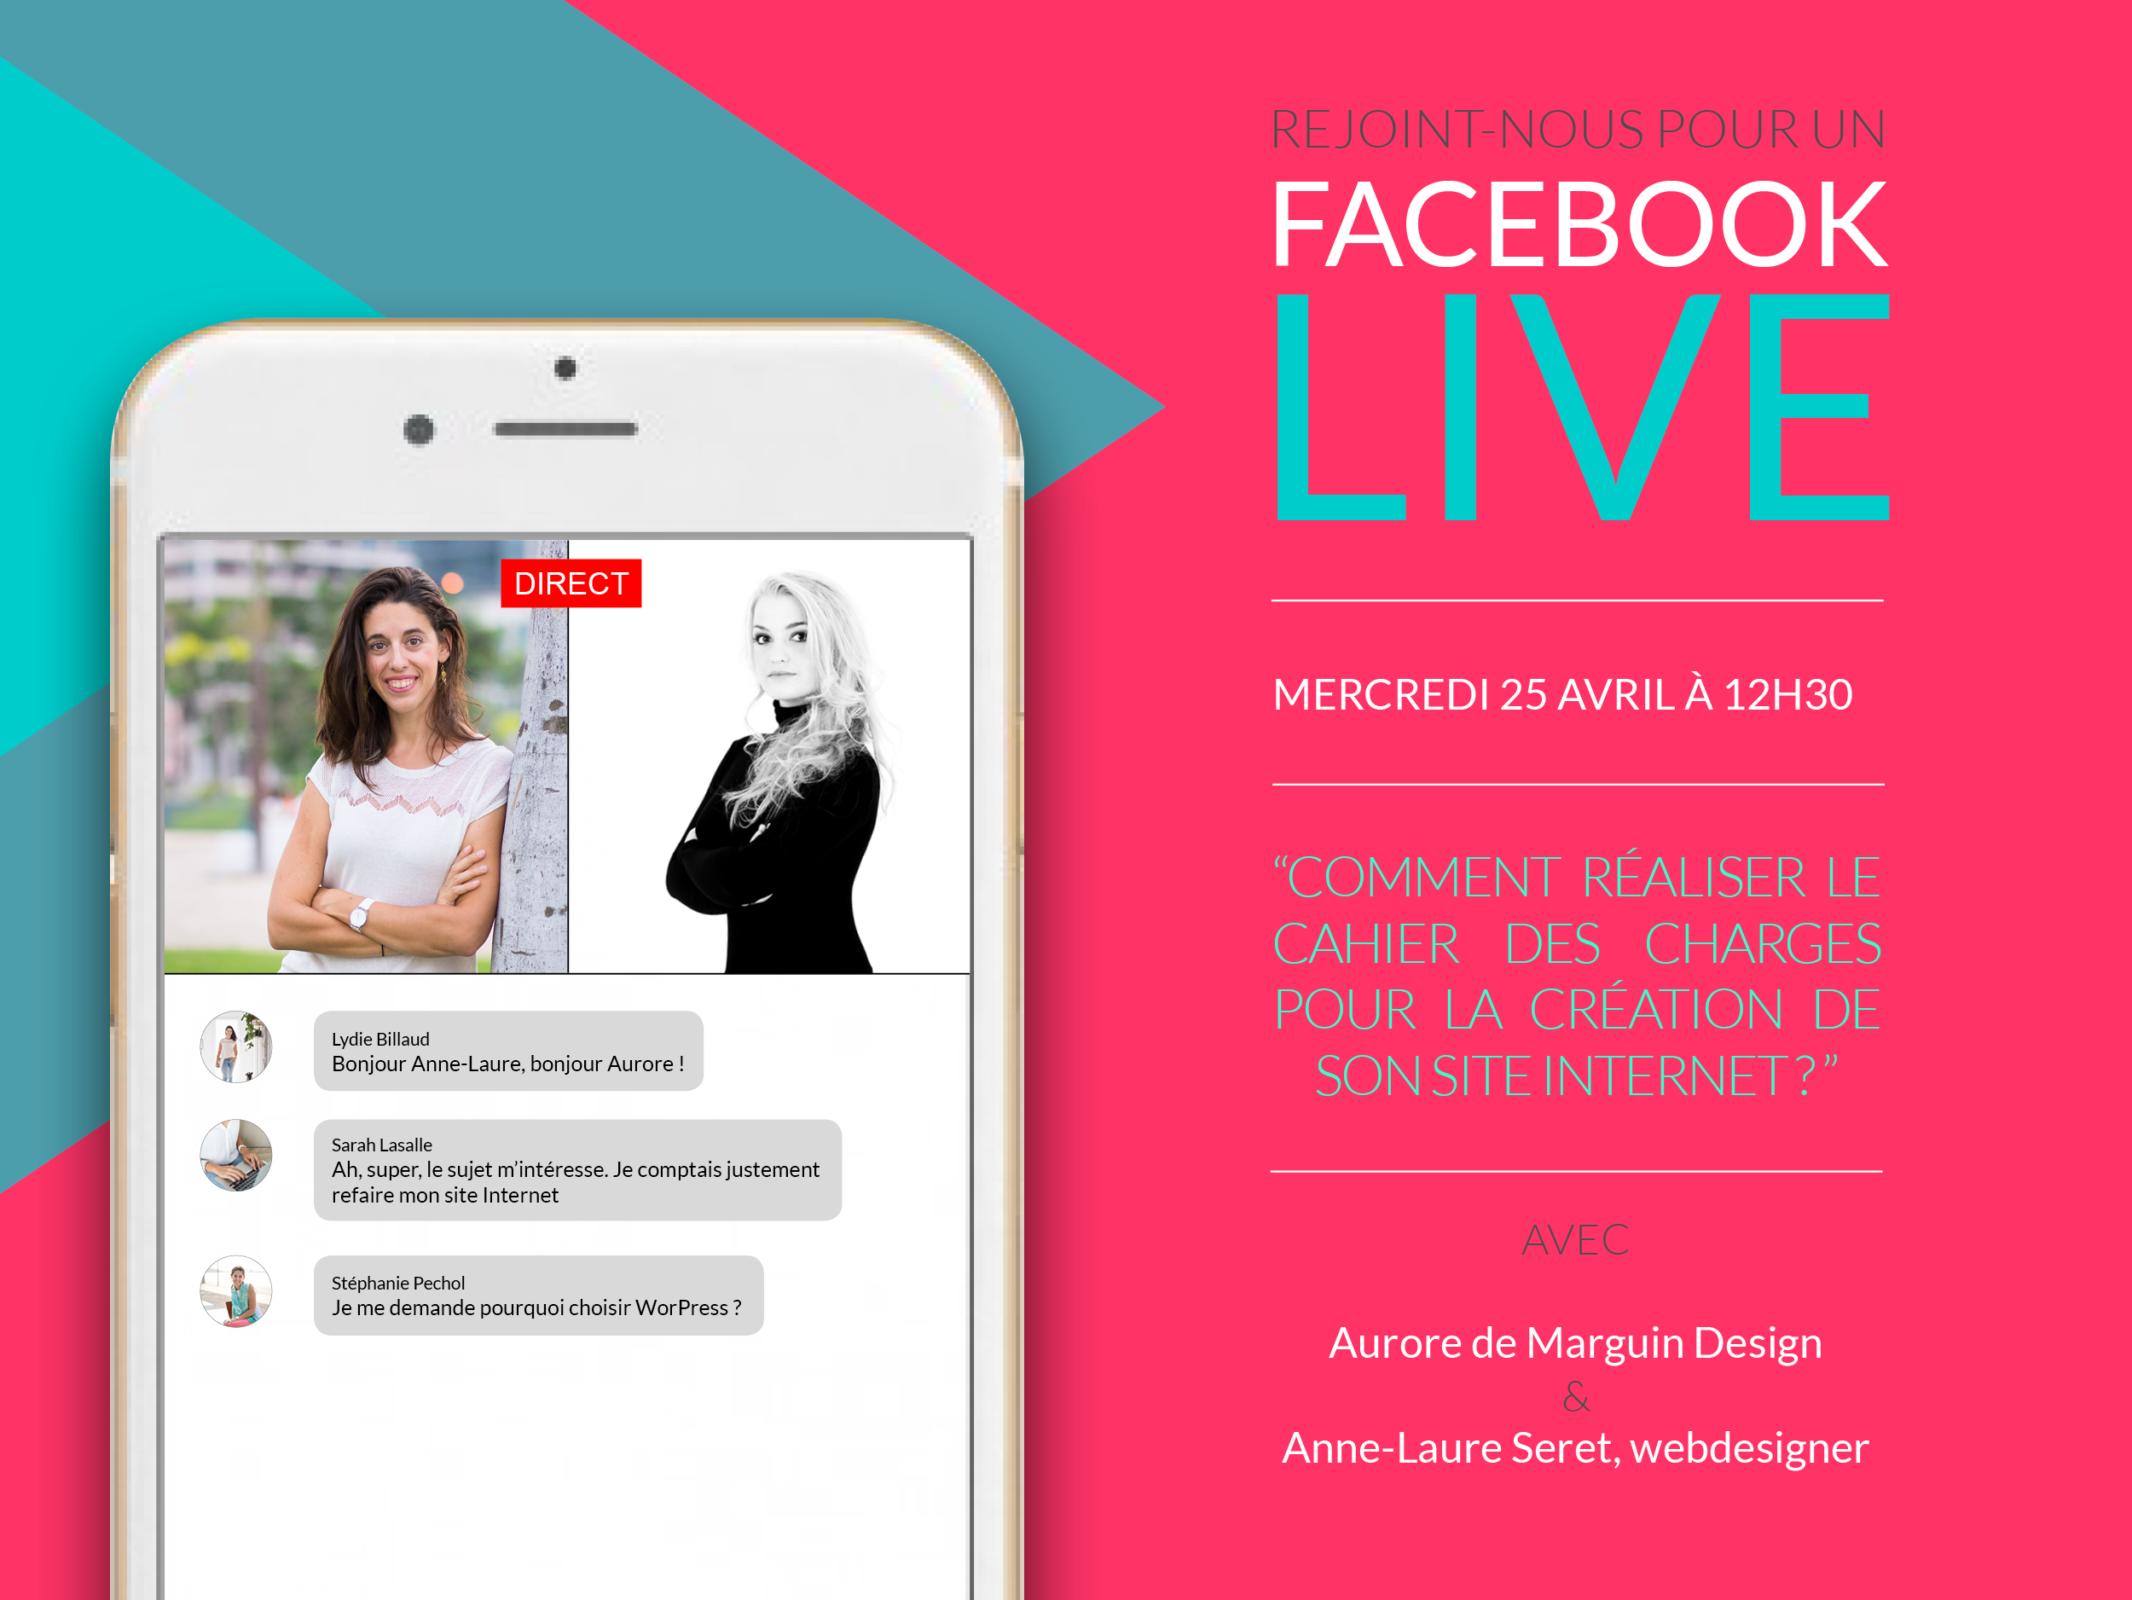 Facebook live Anne-Laure Seret Aurore Marguin Design Comment réaliser le cahier des charges pour la création de son site Internet ?